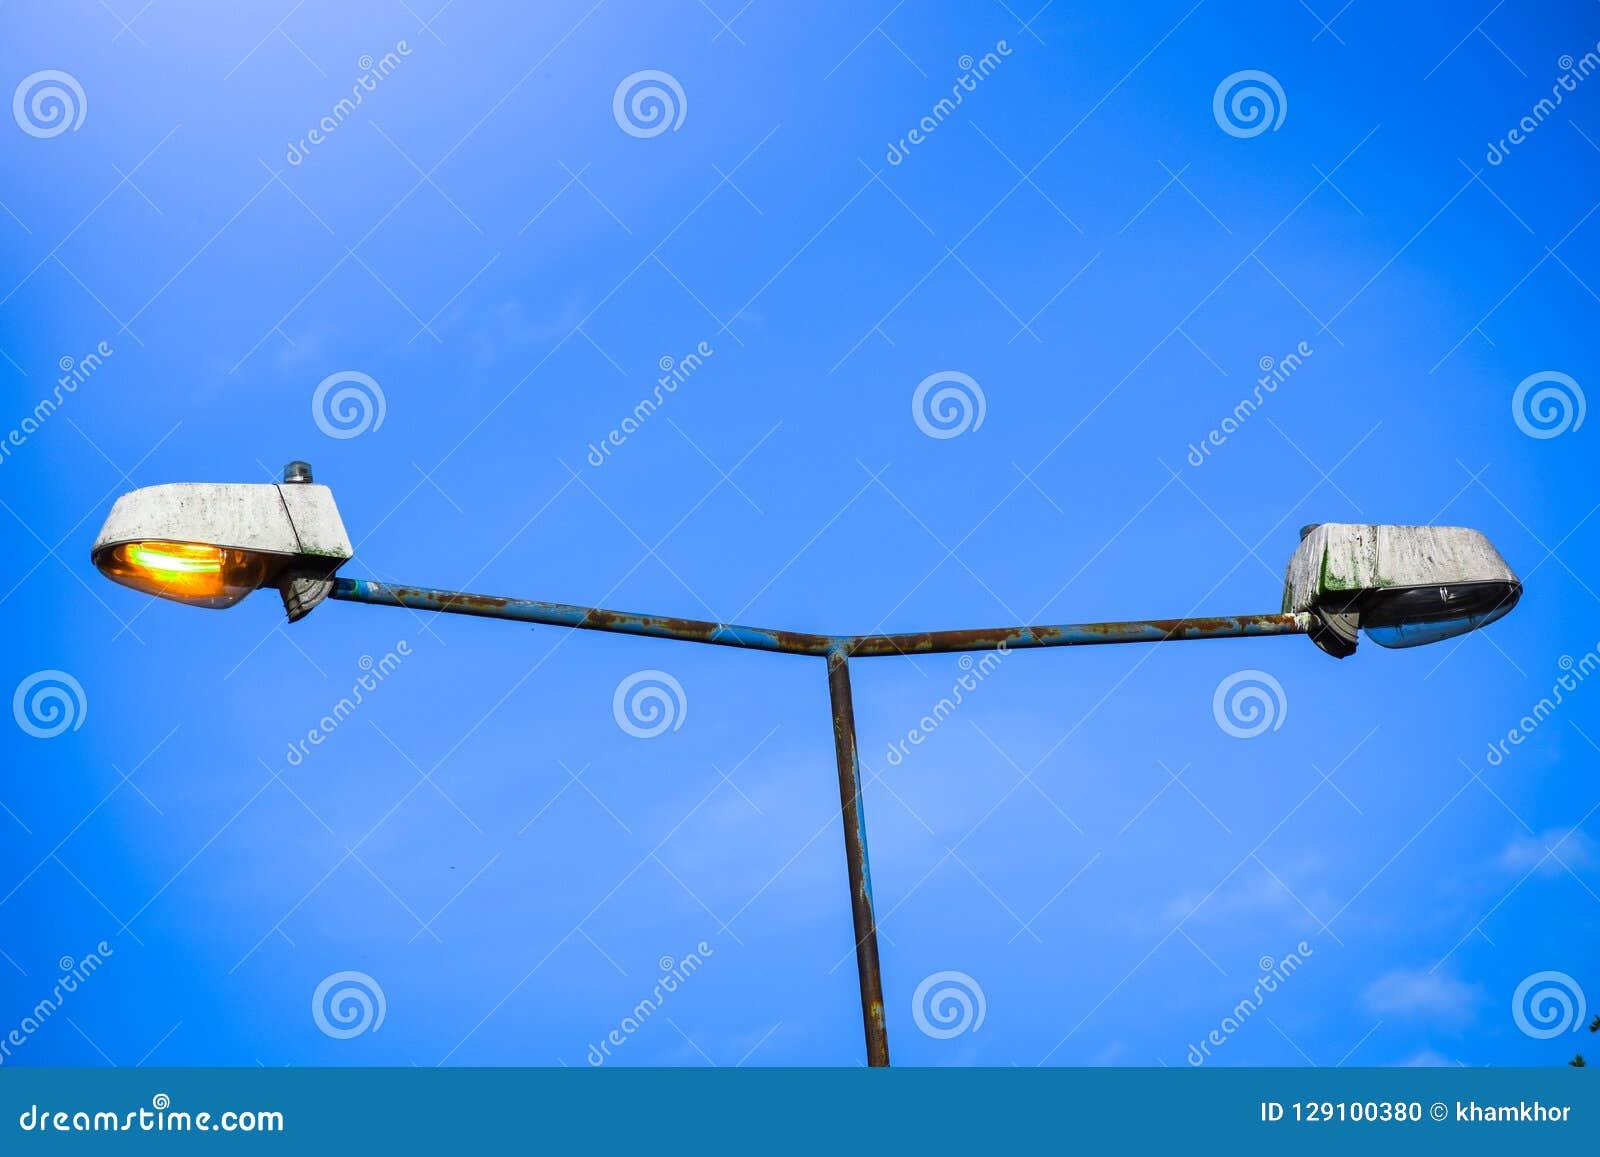 Zinvolle en conceptuele straatlantaarnpost die Goed tegenover Slecht betekent, juist tegenover verkeerd, correct tegenover onjuis